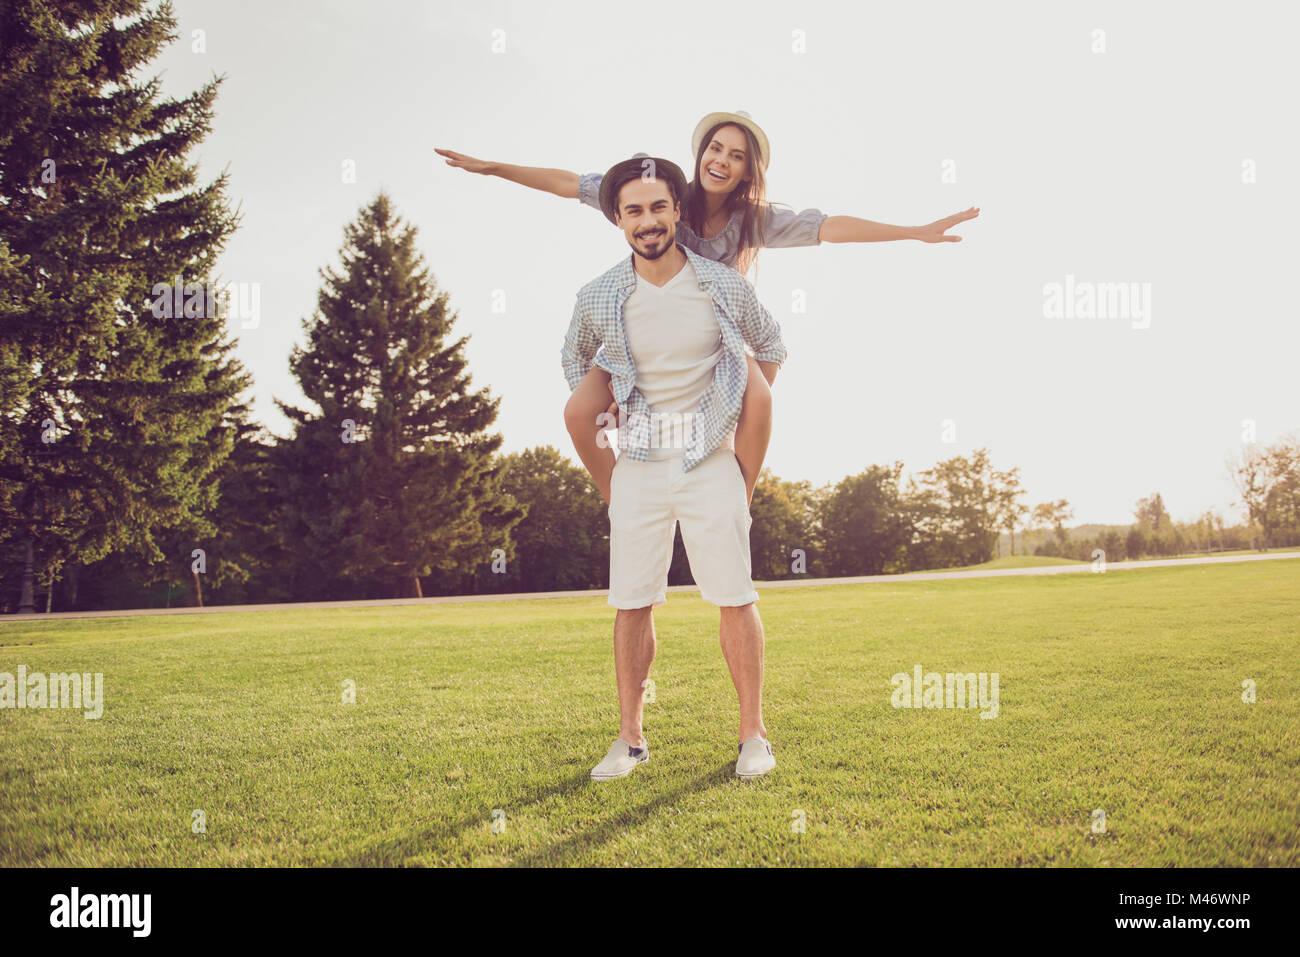 Carino dolce piggybacking partner la sua signora, ella corse lui. Data al di fuori, ben vestito, eccitati, incantevole. Immagini Stock